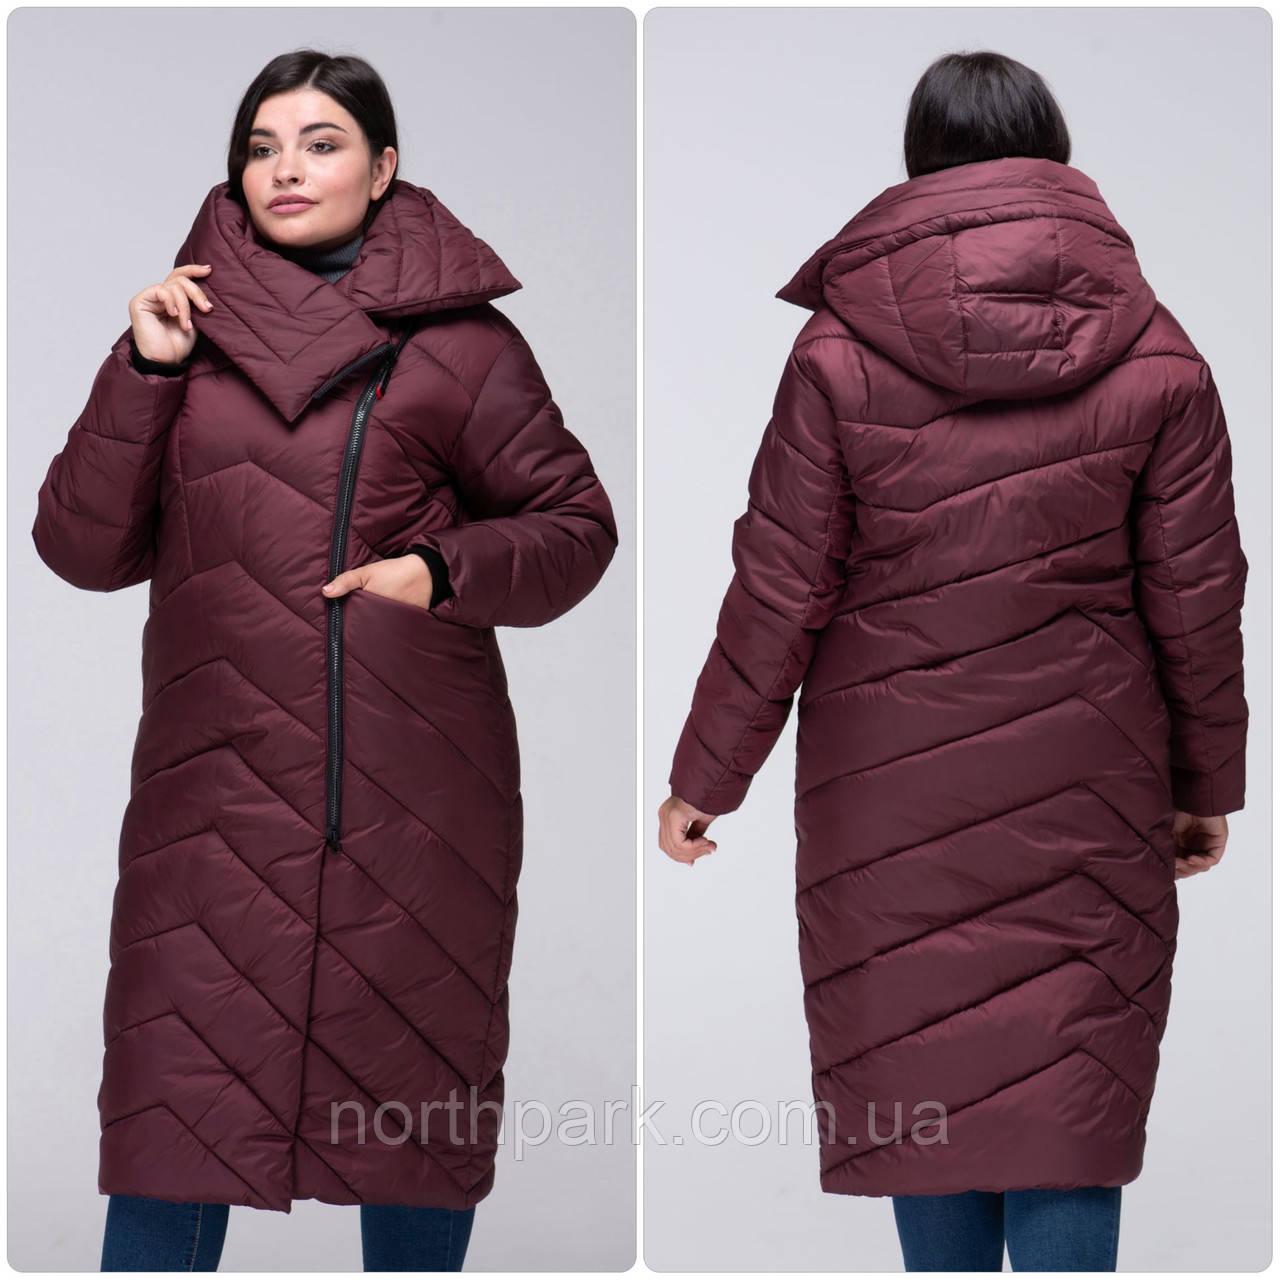 Модное зимнее женское пальто-кокон VS 197 с красивым воротником Бордовый, 44